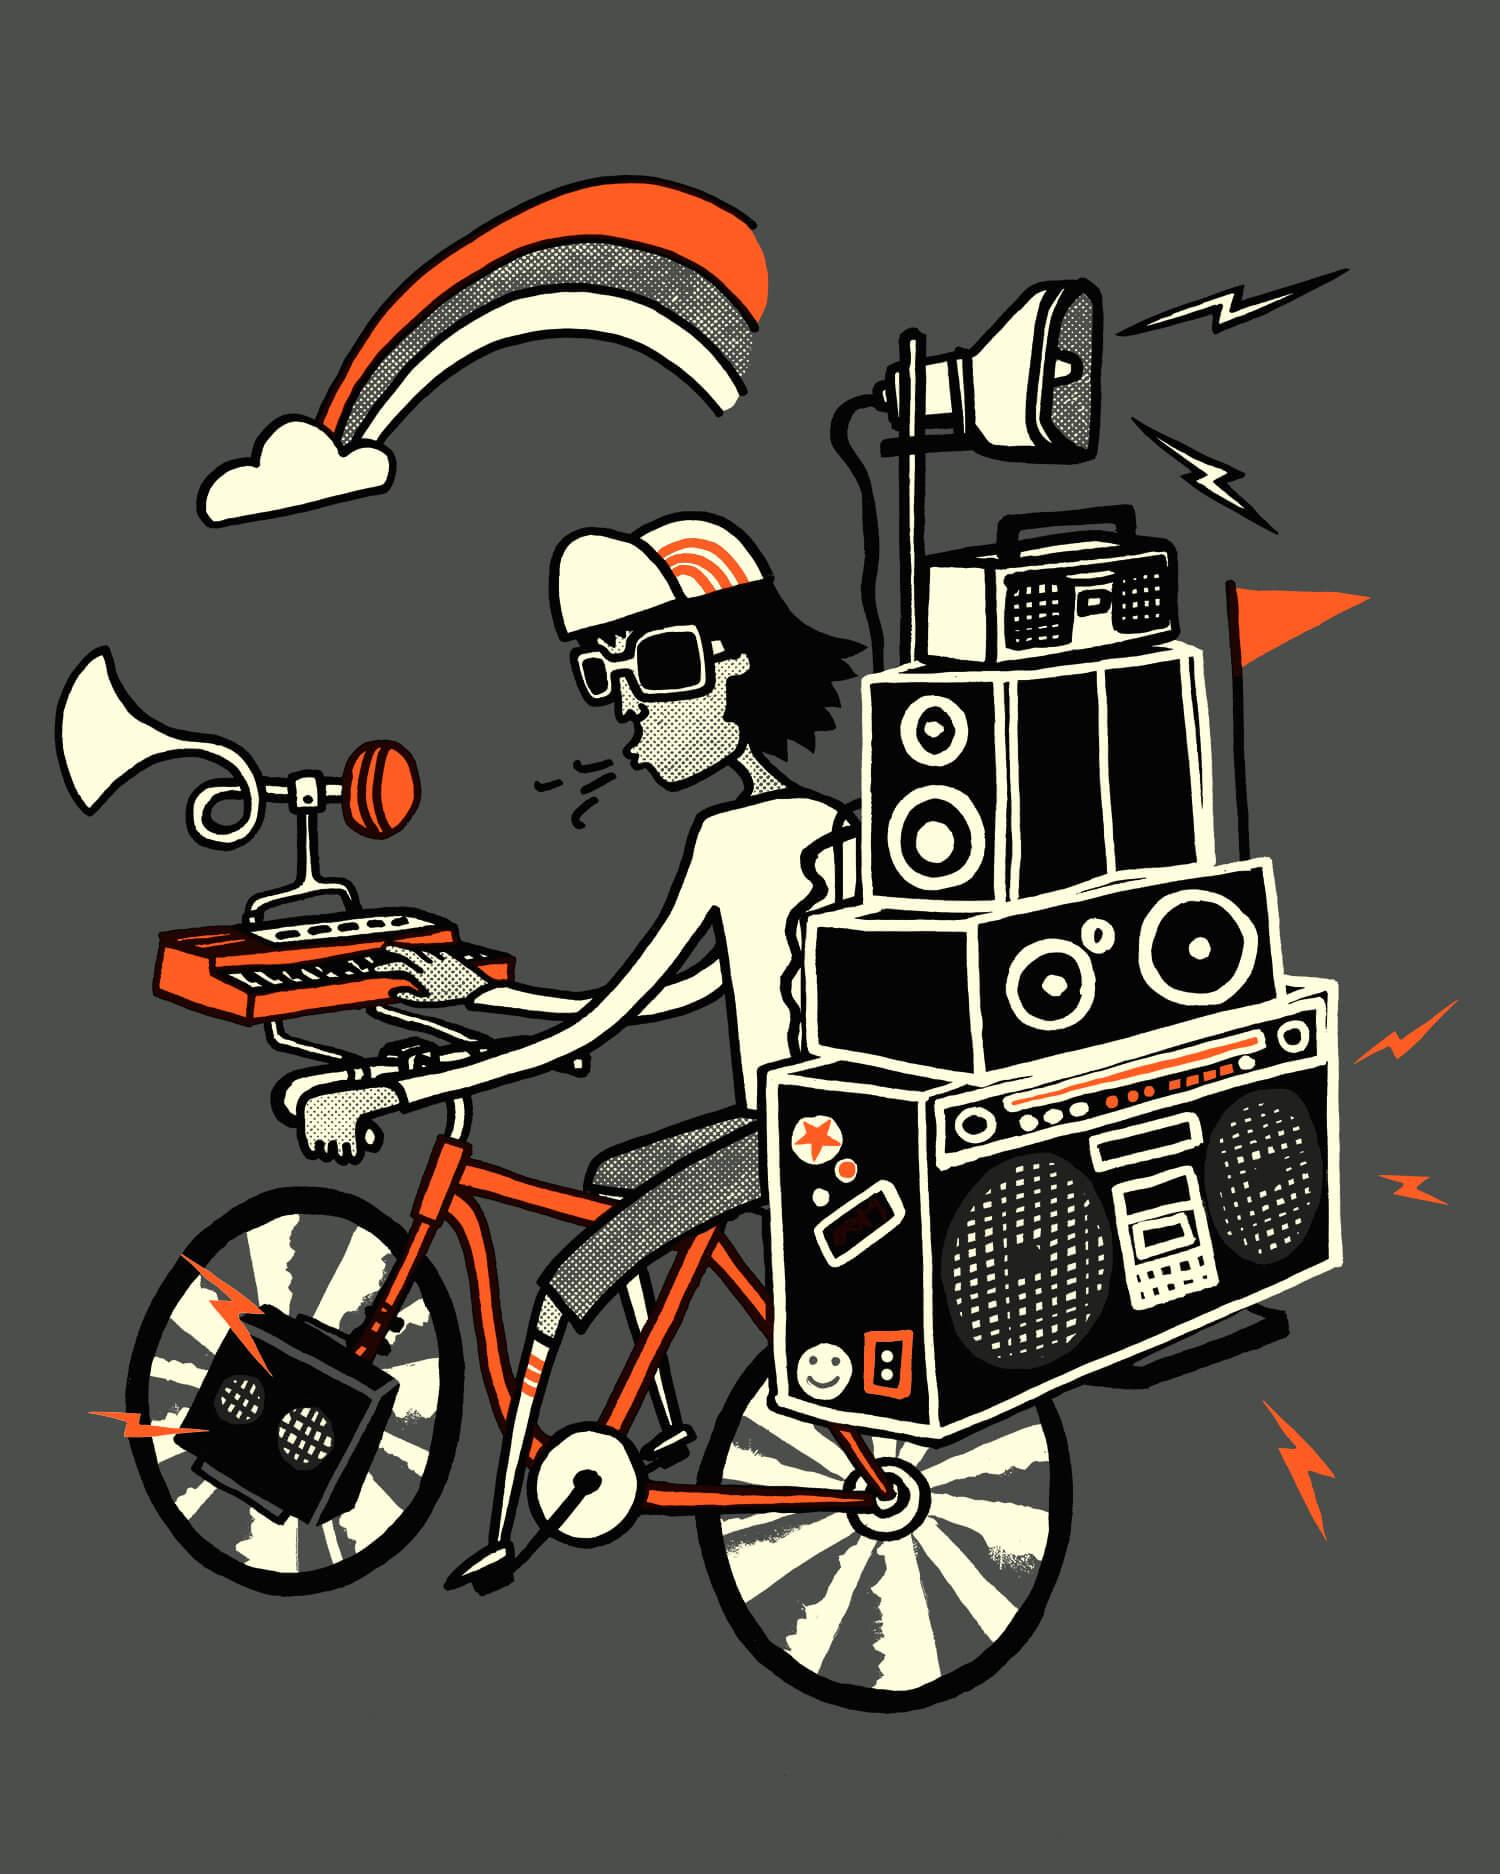 Boom Box Bike Illustration for Mild West Heroes